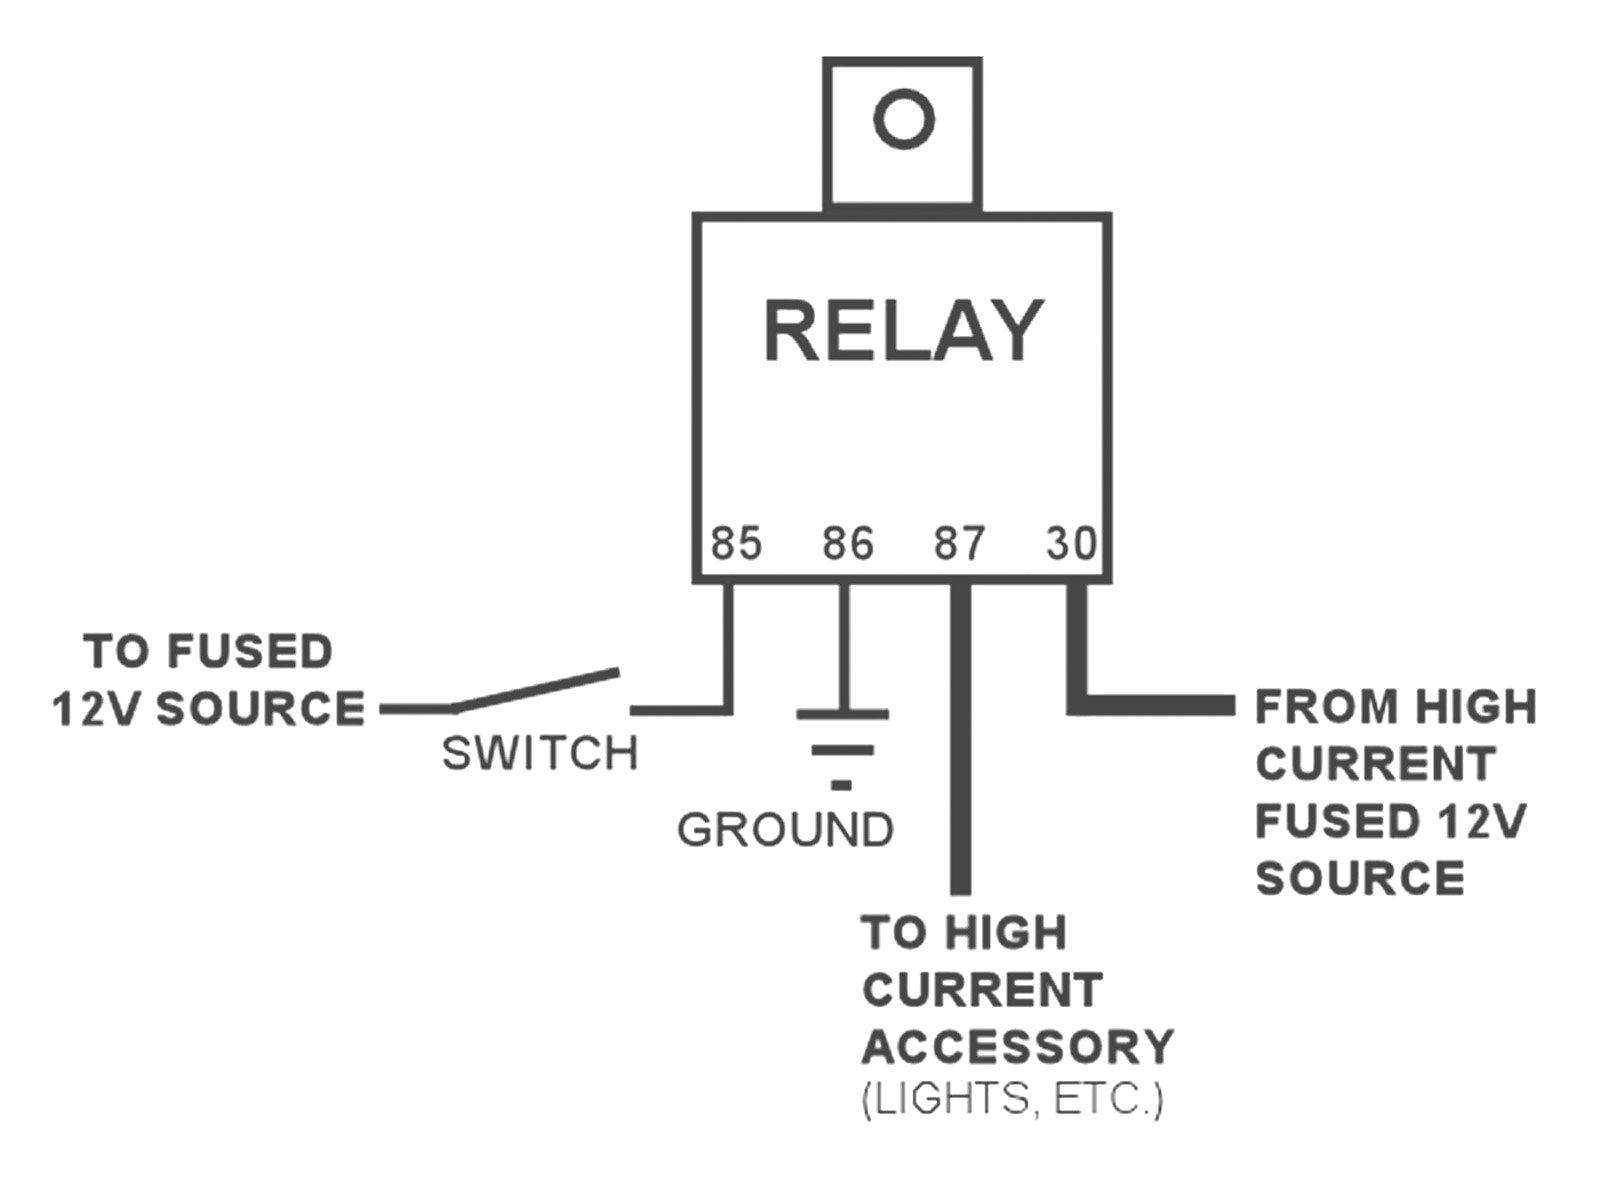 4 pin relay wiring diagram elegant relay wiring diagram best wire diagram for best hvac diagram 0d